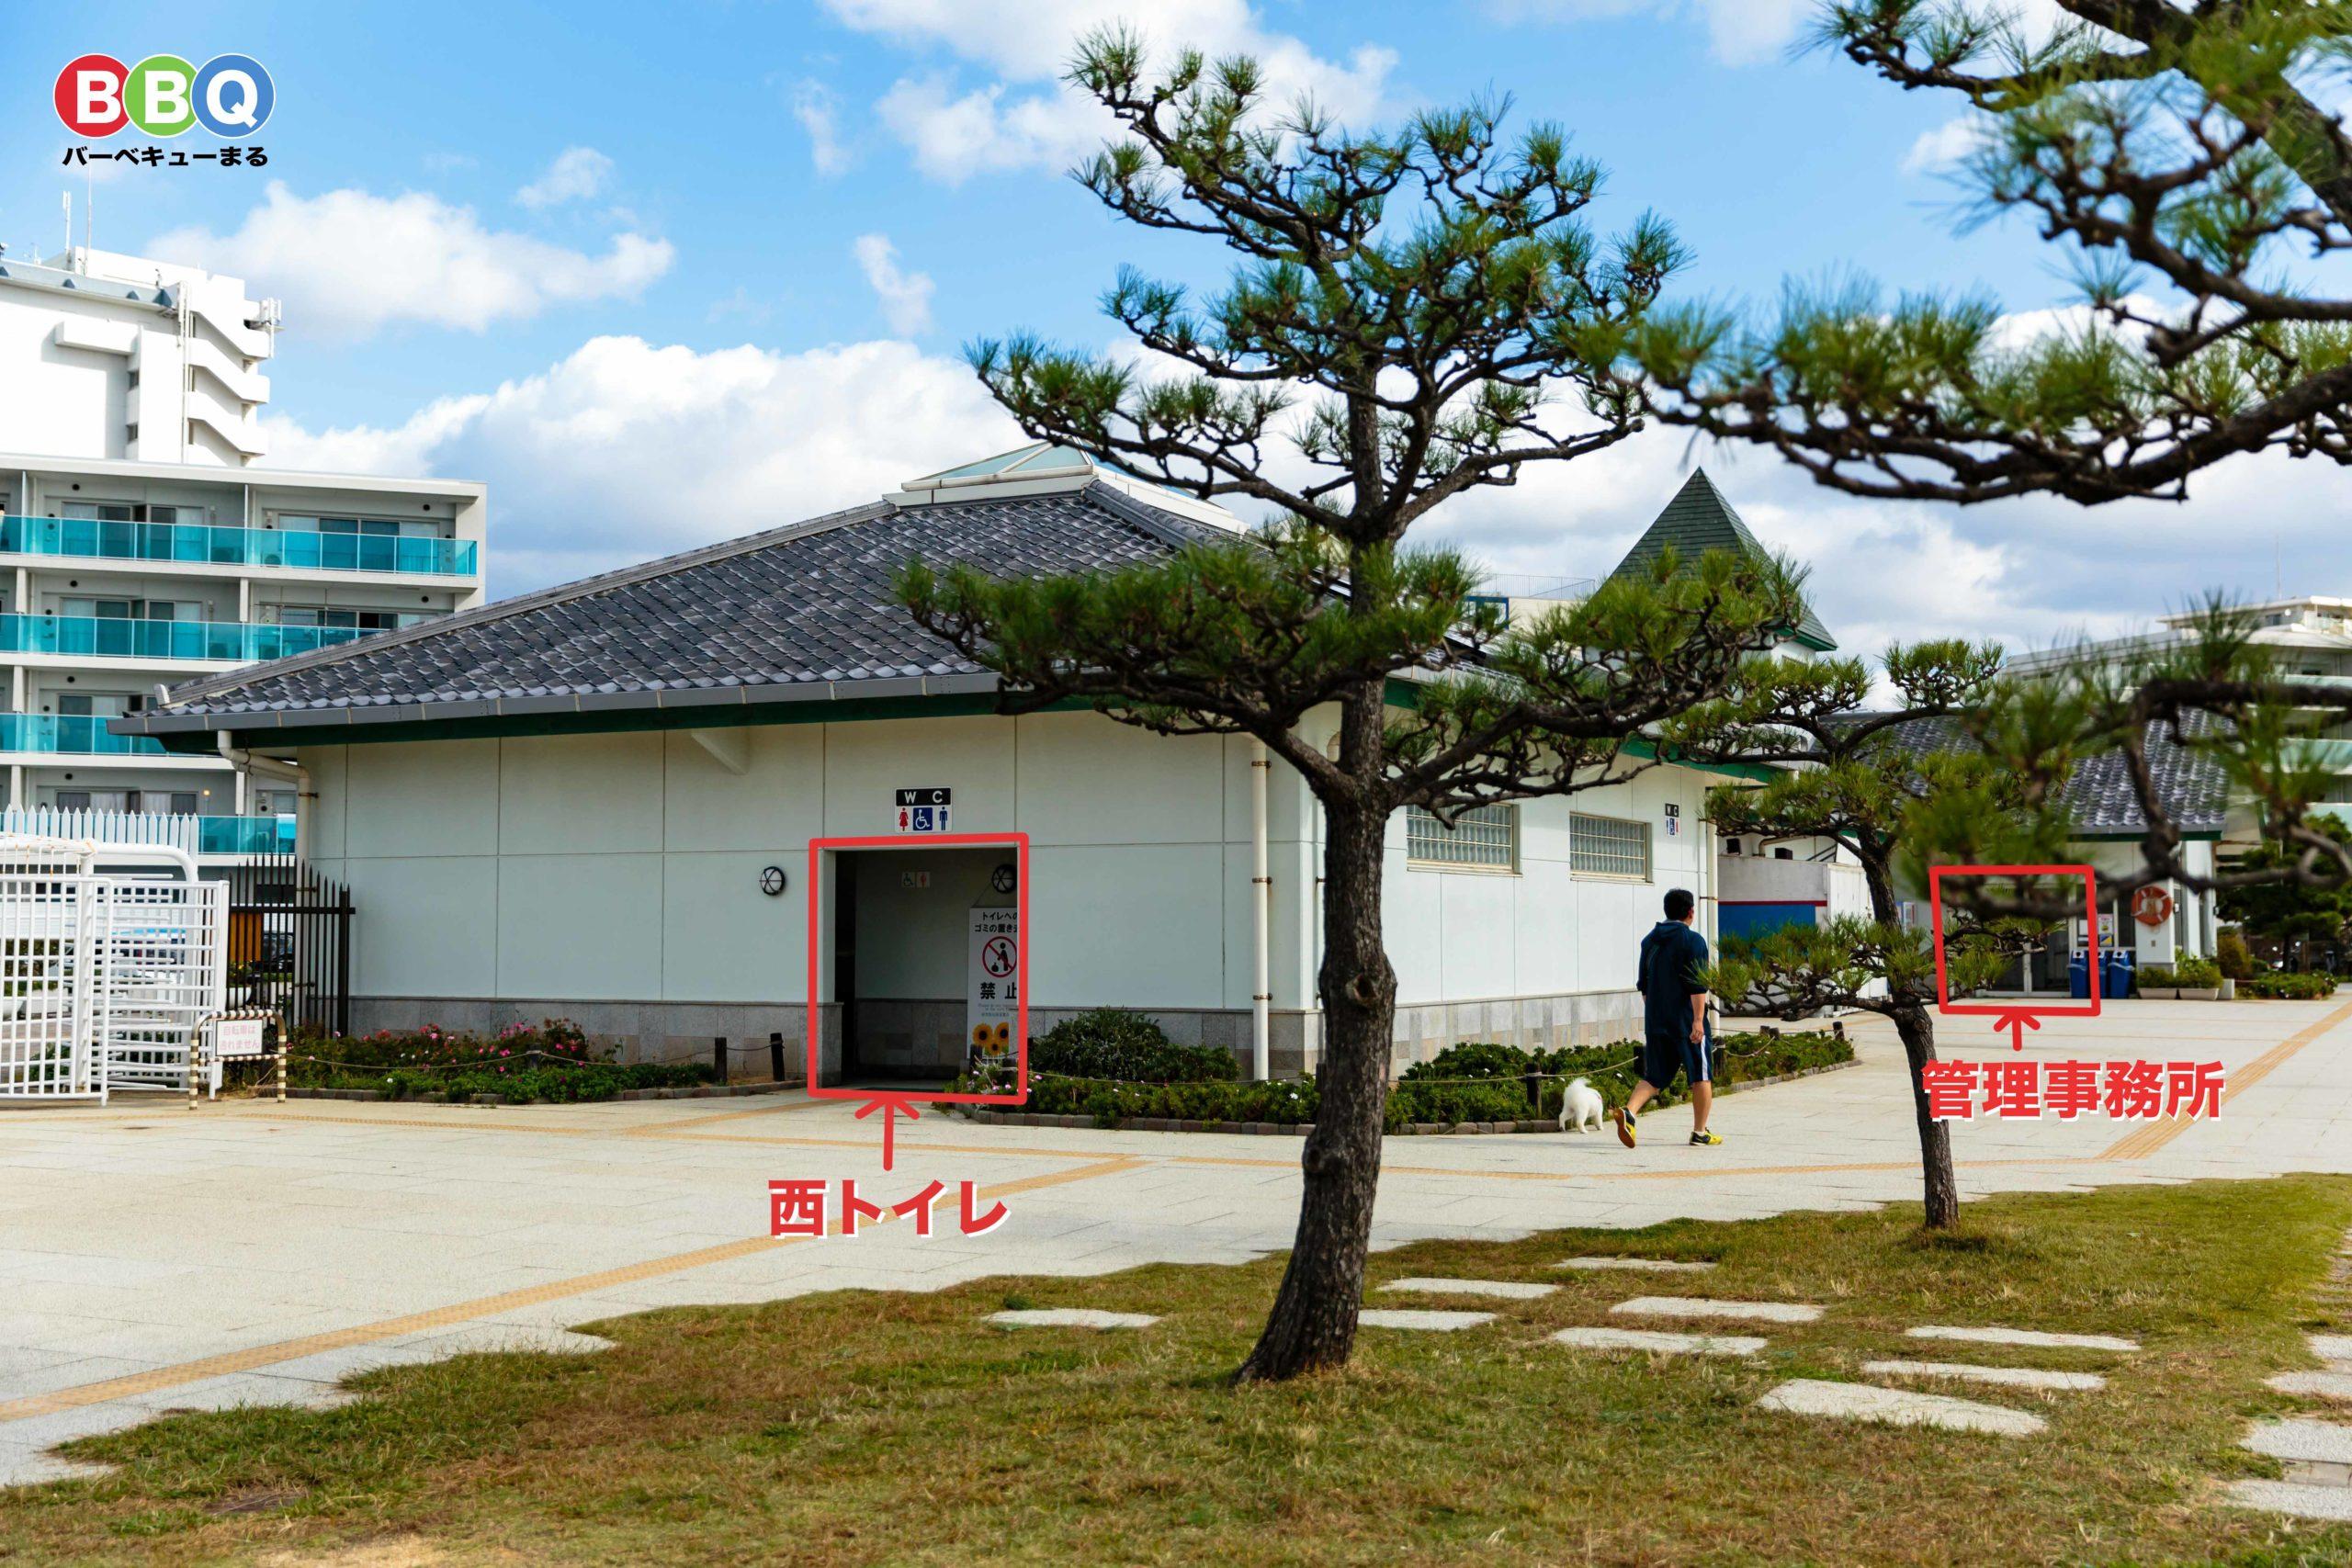 アジュール舞子の西トイレと管理事務所